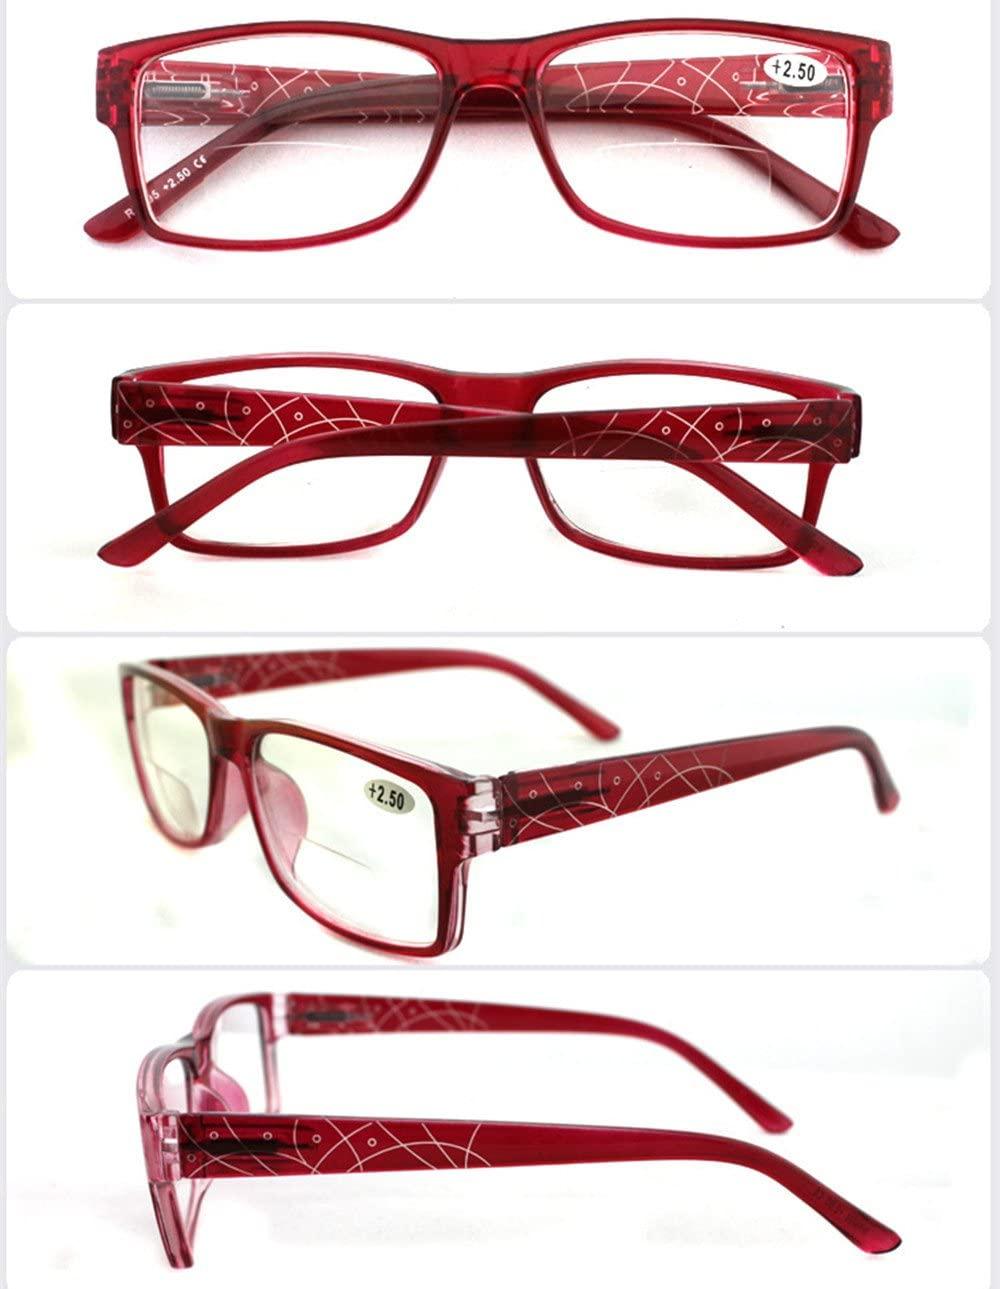 Lily Garden Bifocal Reading Glasses Full Frame Resin Plastic (reb, 2.50)